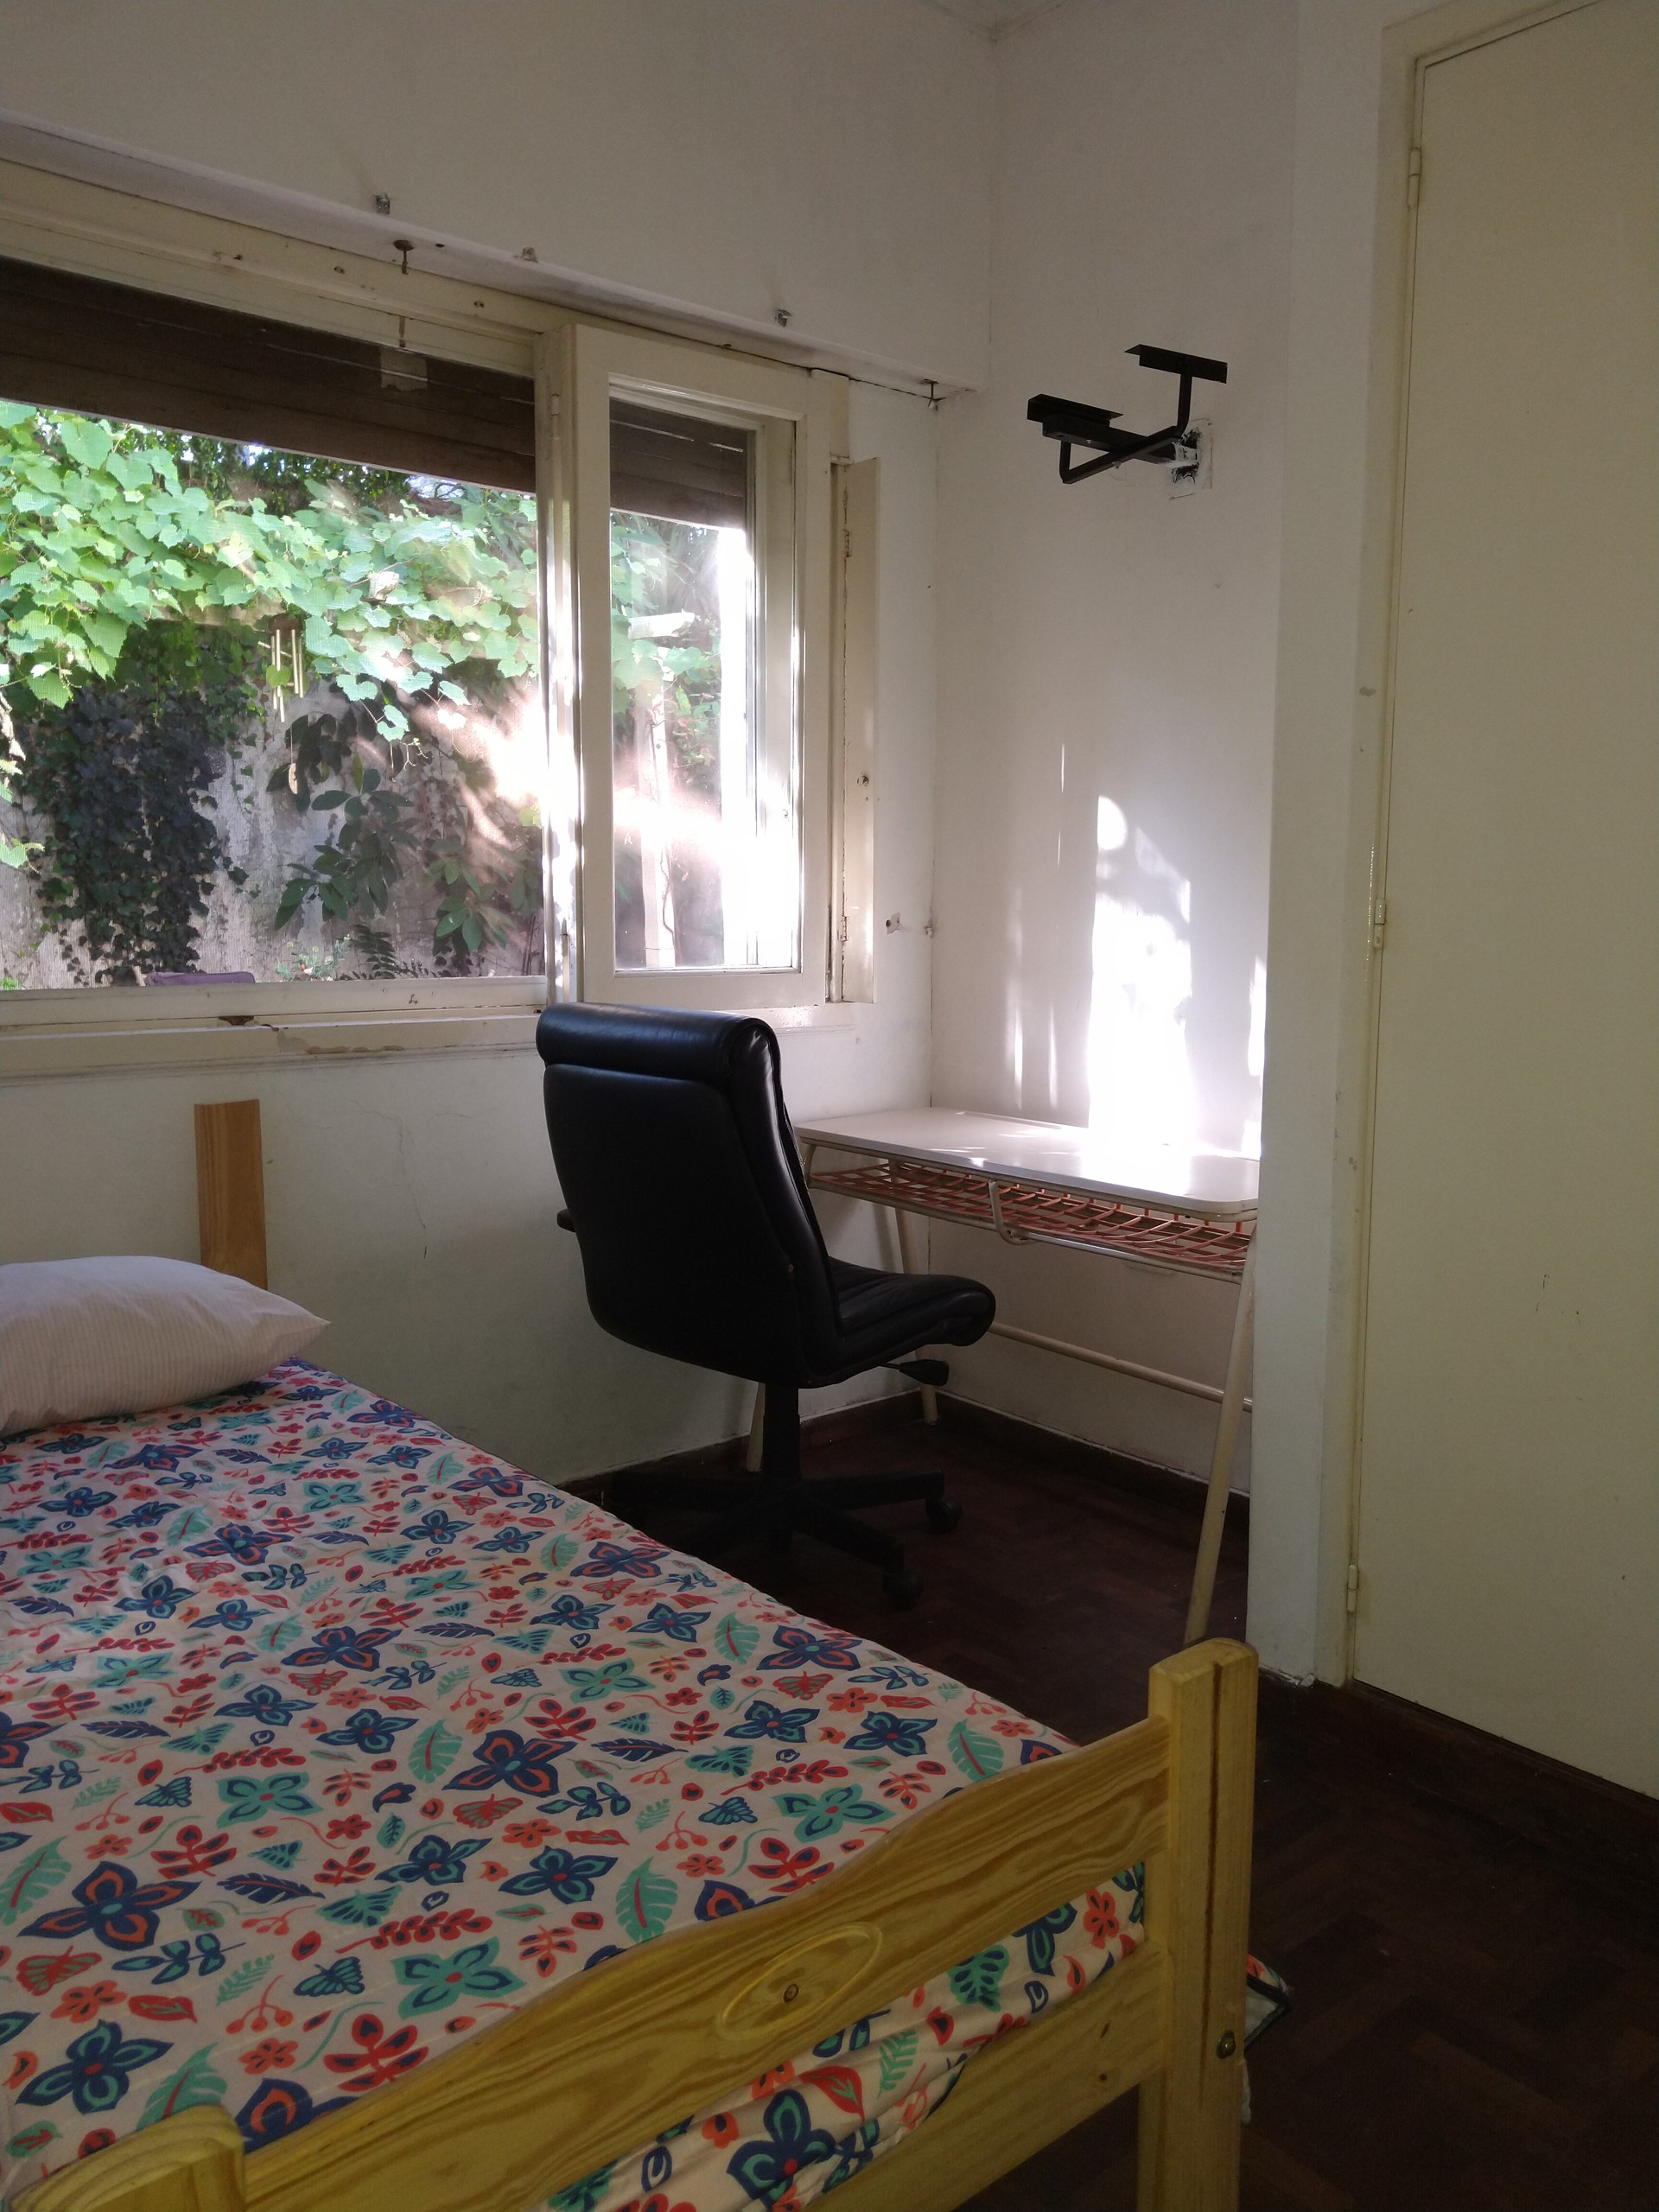 Casa de 4 dormitorios y dos cuartos de baño | Alquilar ...